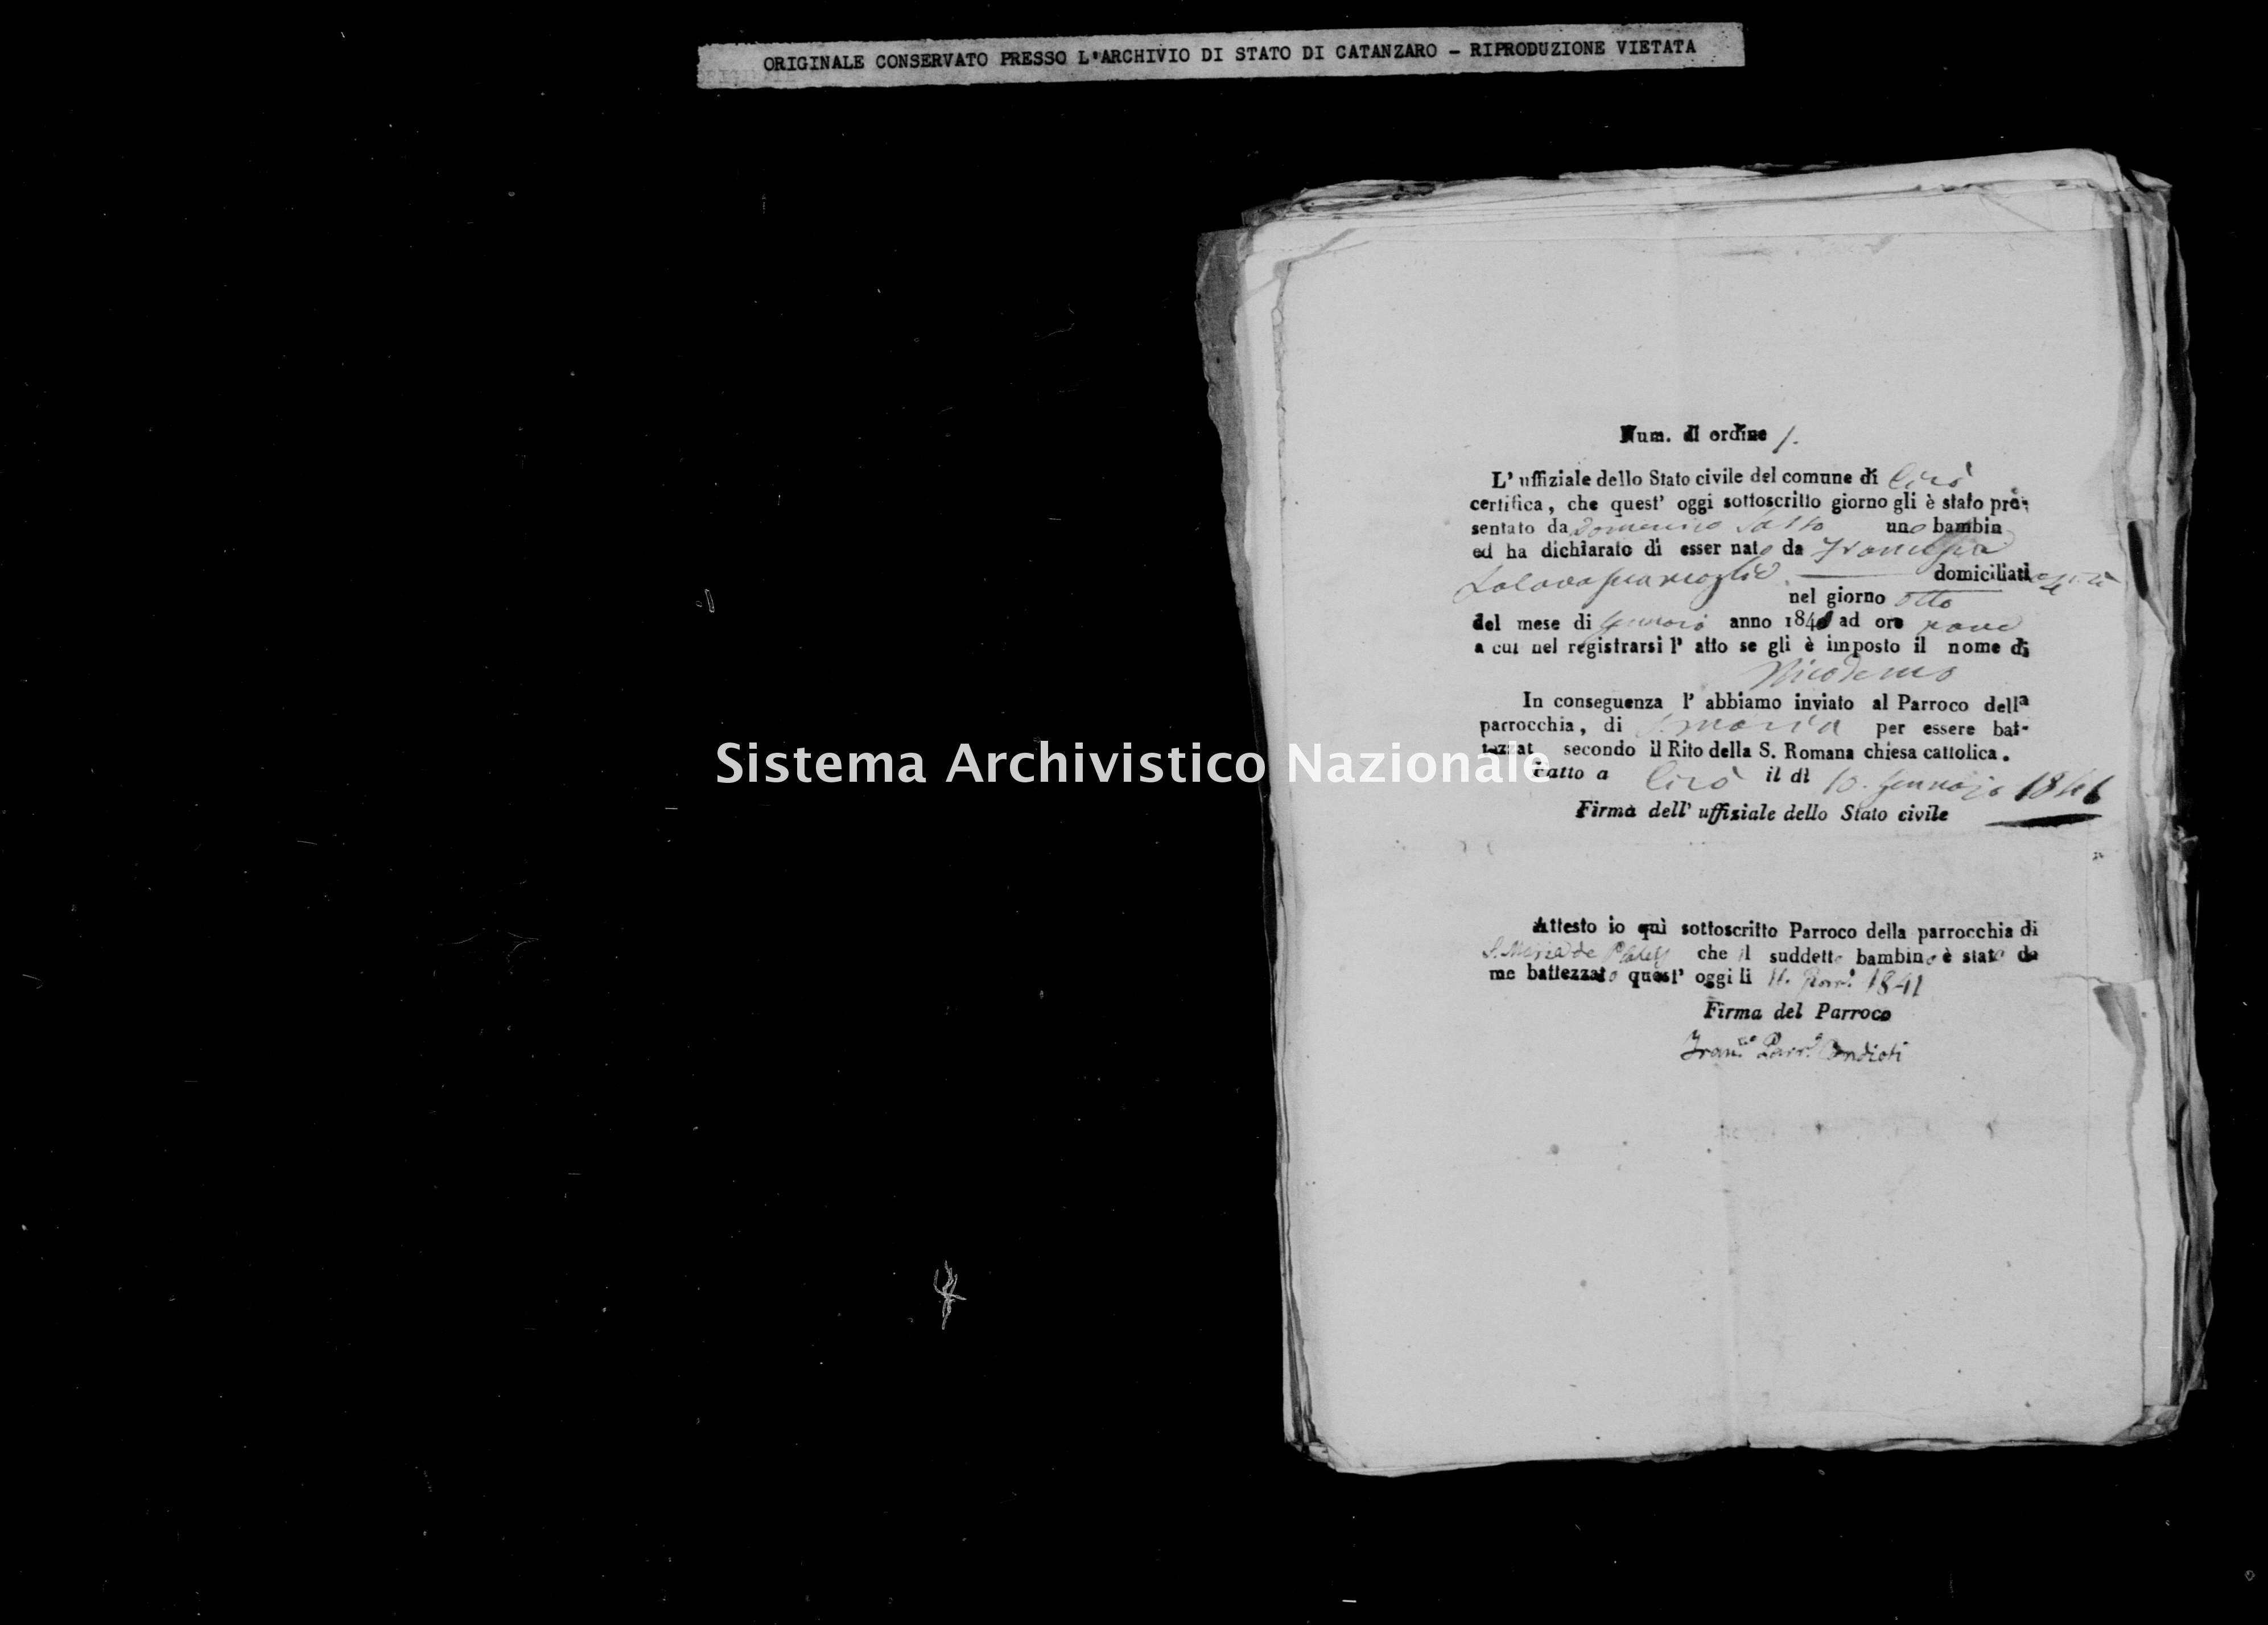 Archivio di stato di Catanzaro - Stato civile della restaurazione - Cirò - Nati, battesimi - 1841 -